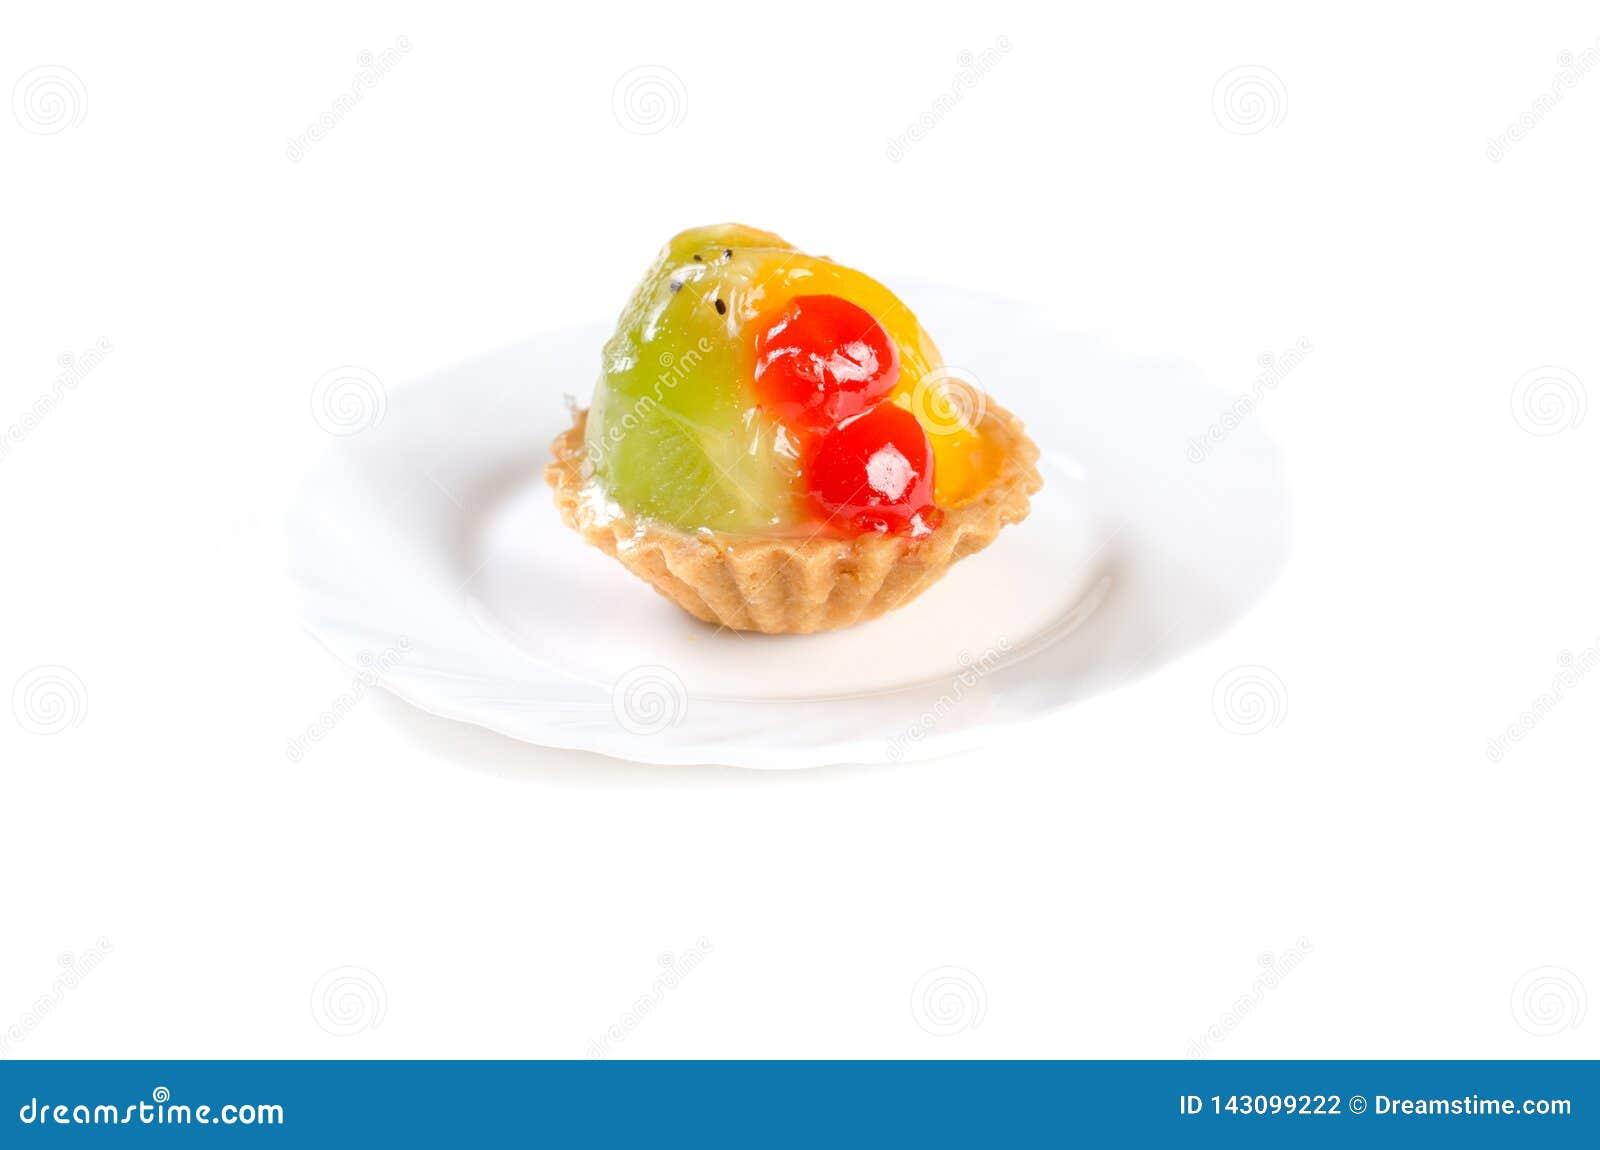 Fruit jelly cake isolated on white background